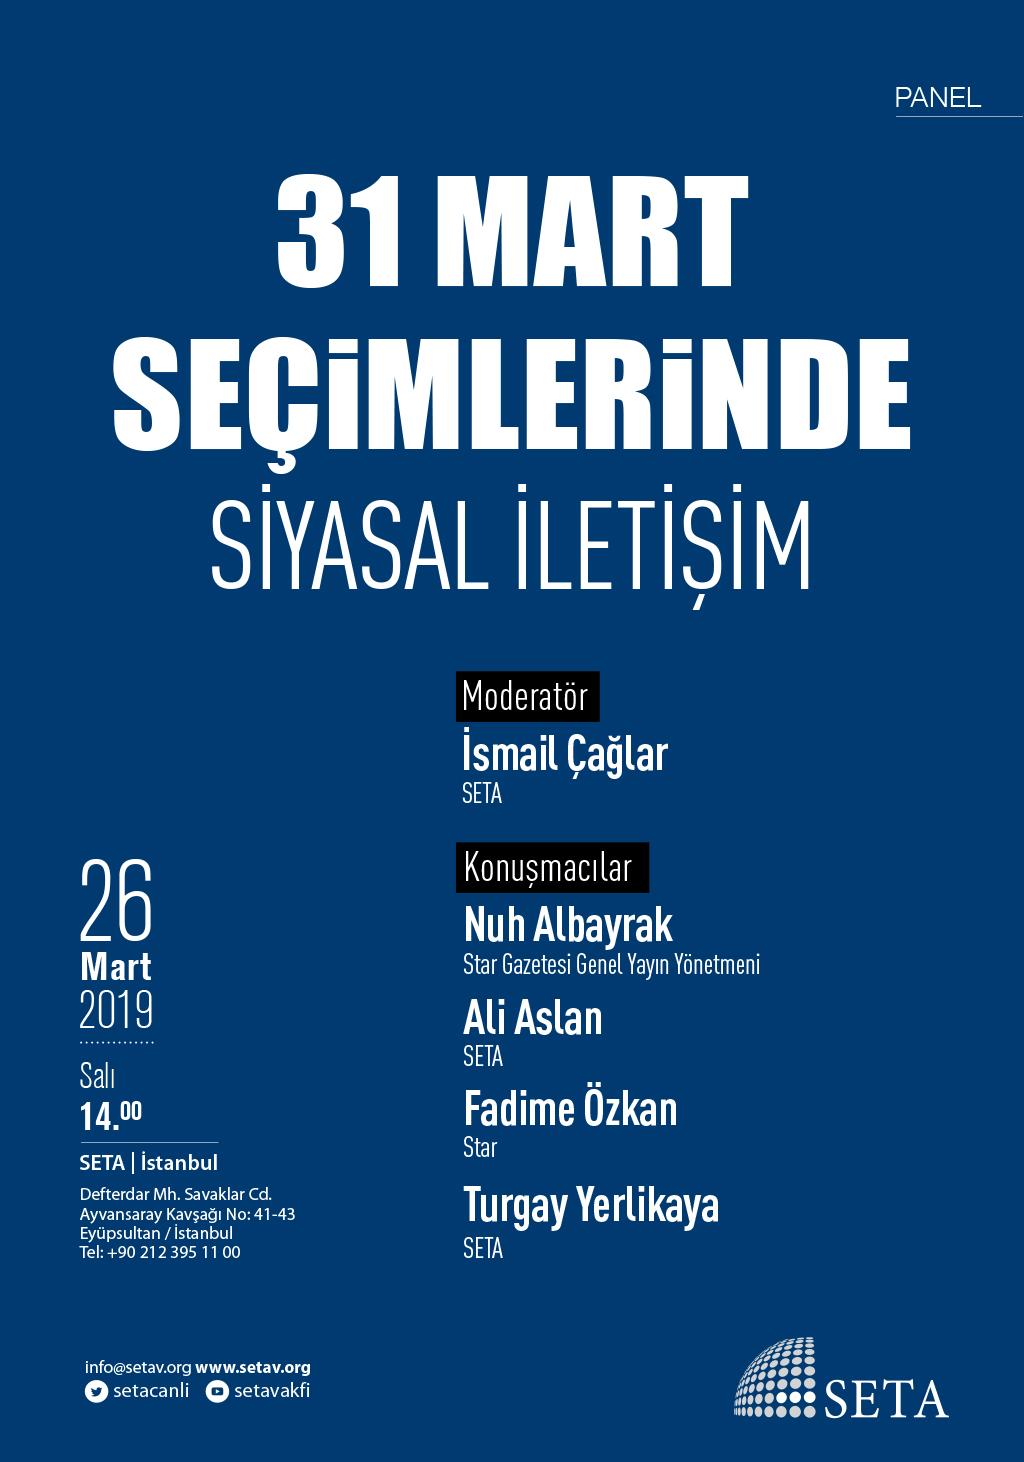 Panel: 31 Mart Seçimlerinde Siyasal İletişim